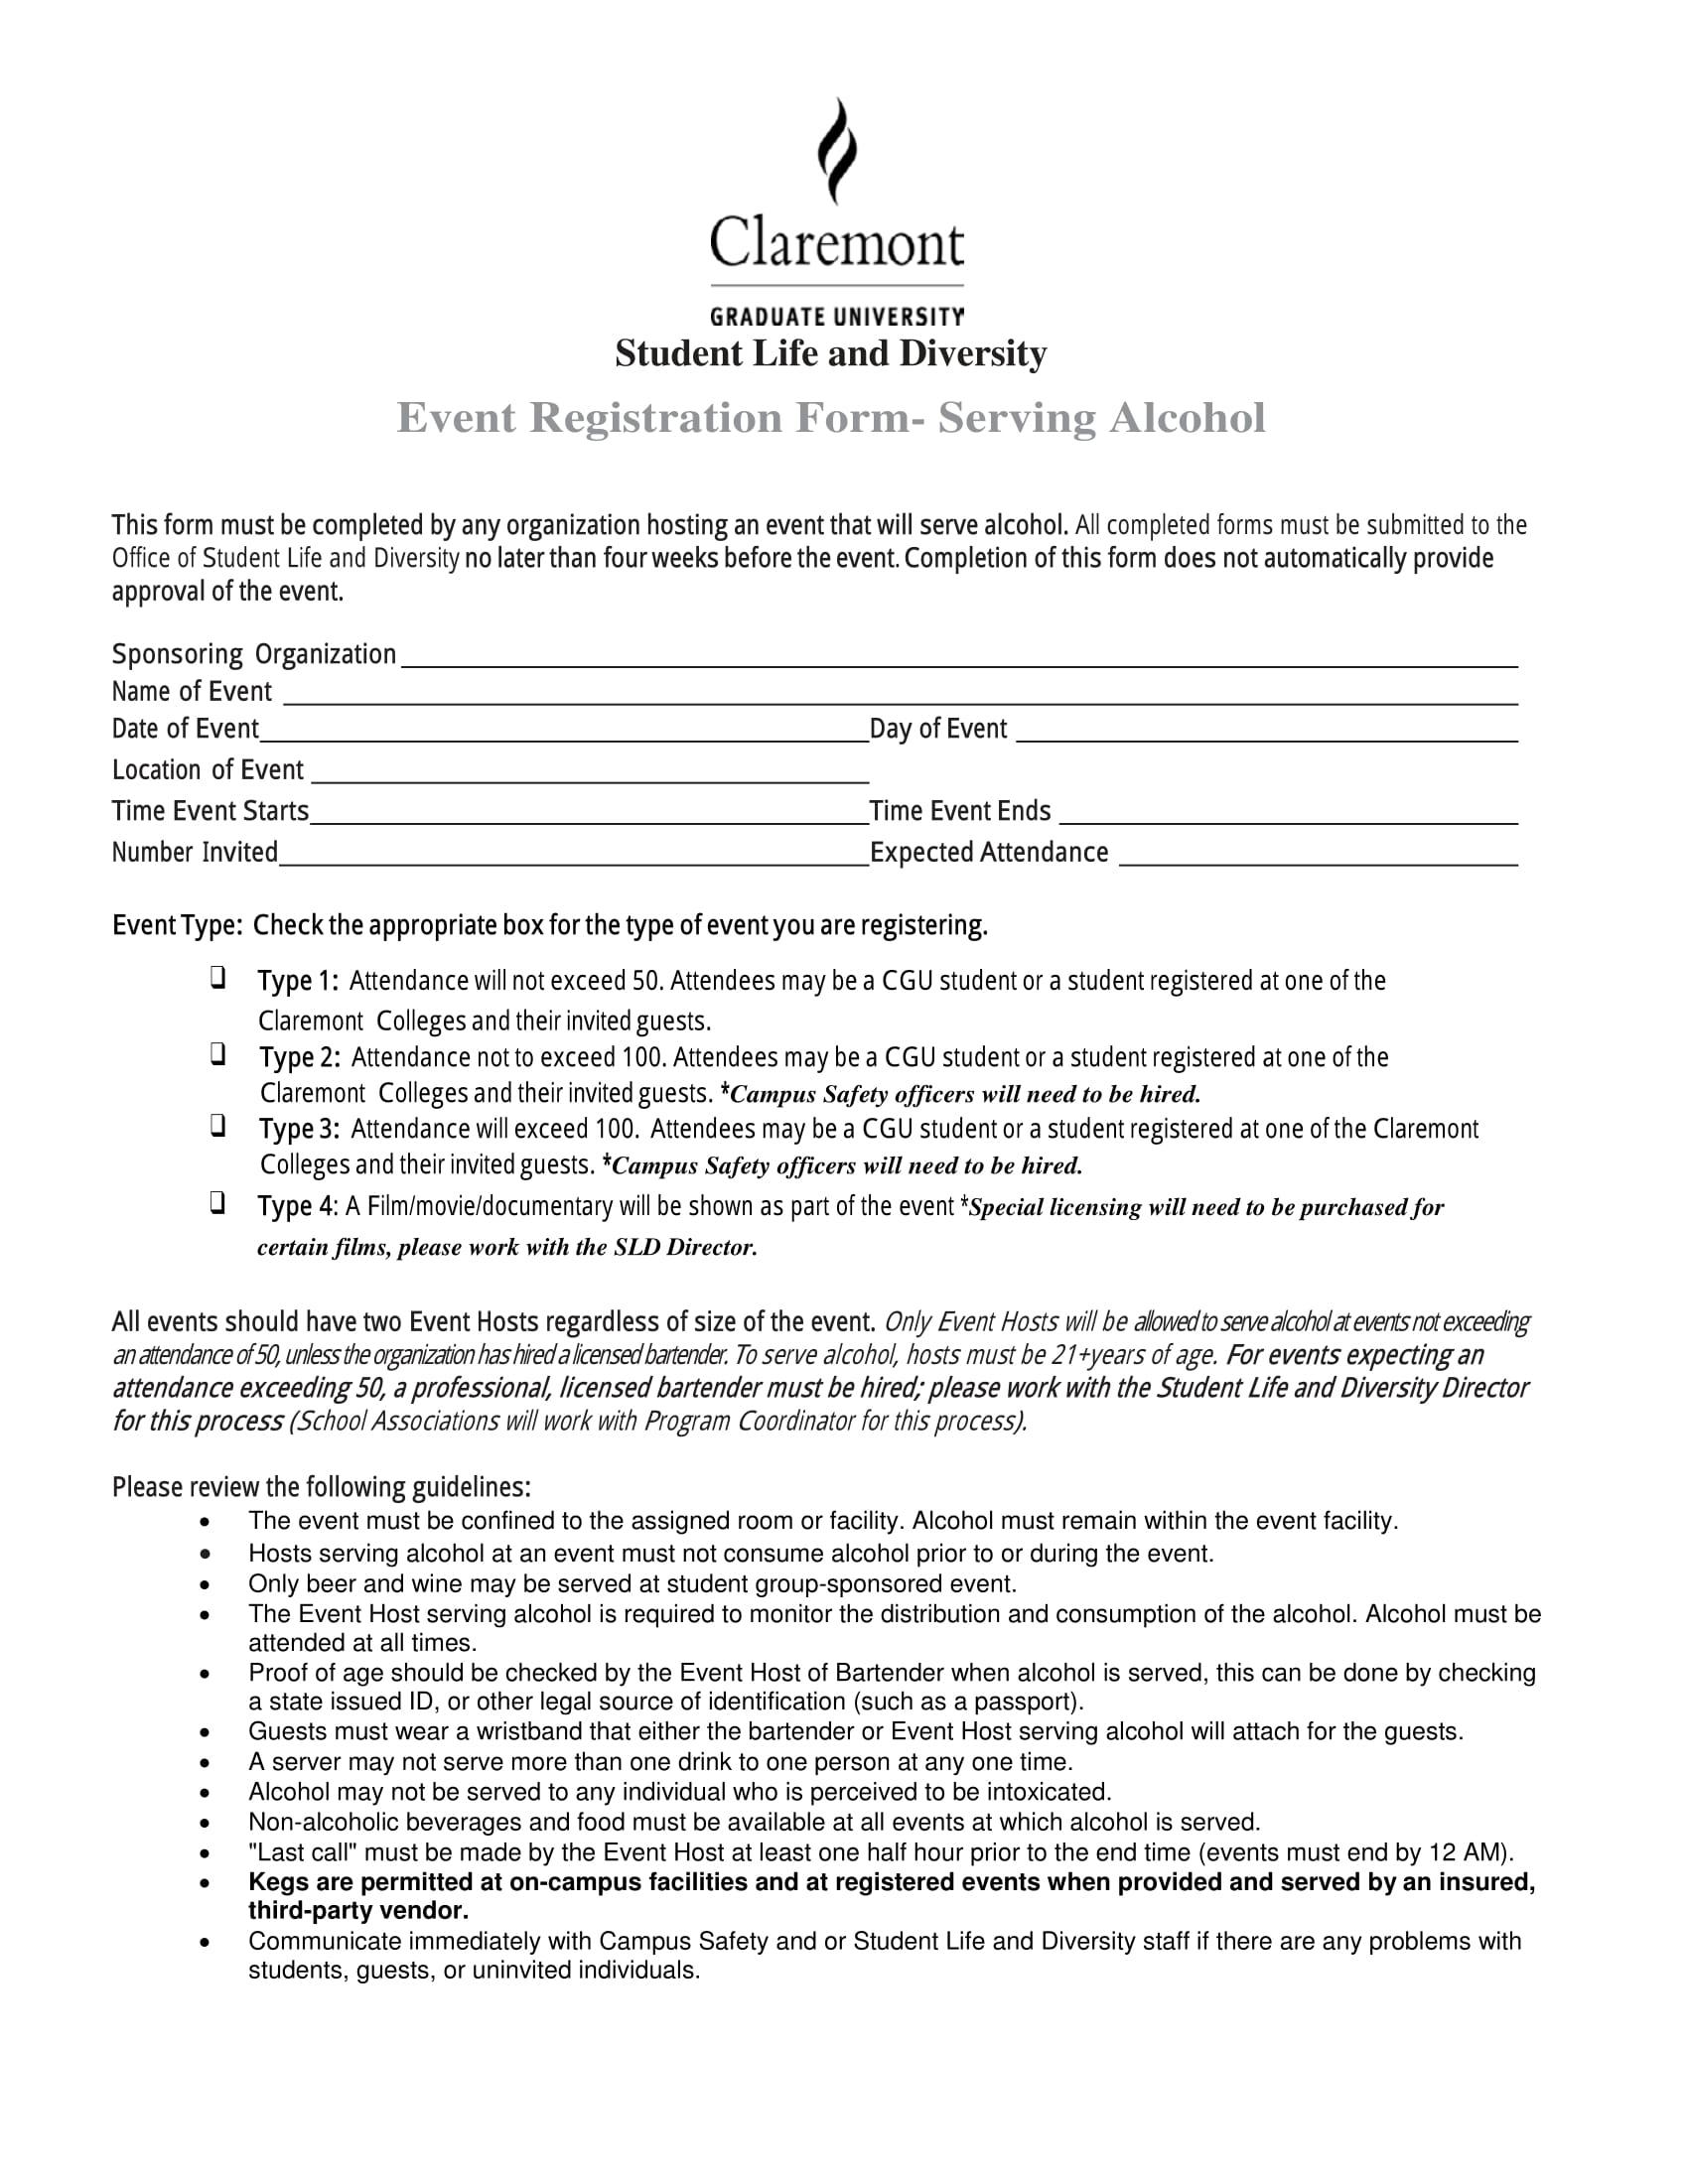 alcohol serving event registration form 1